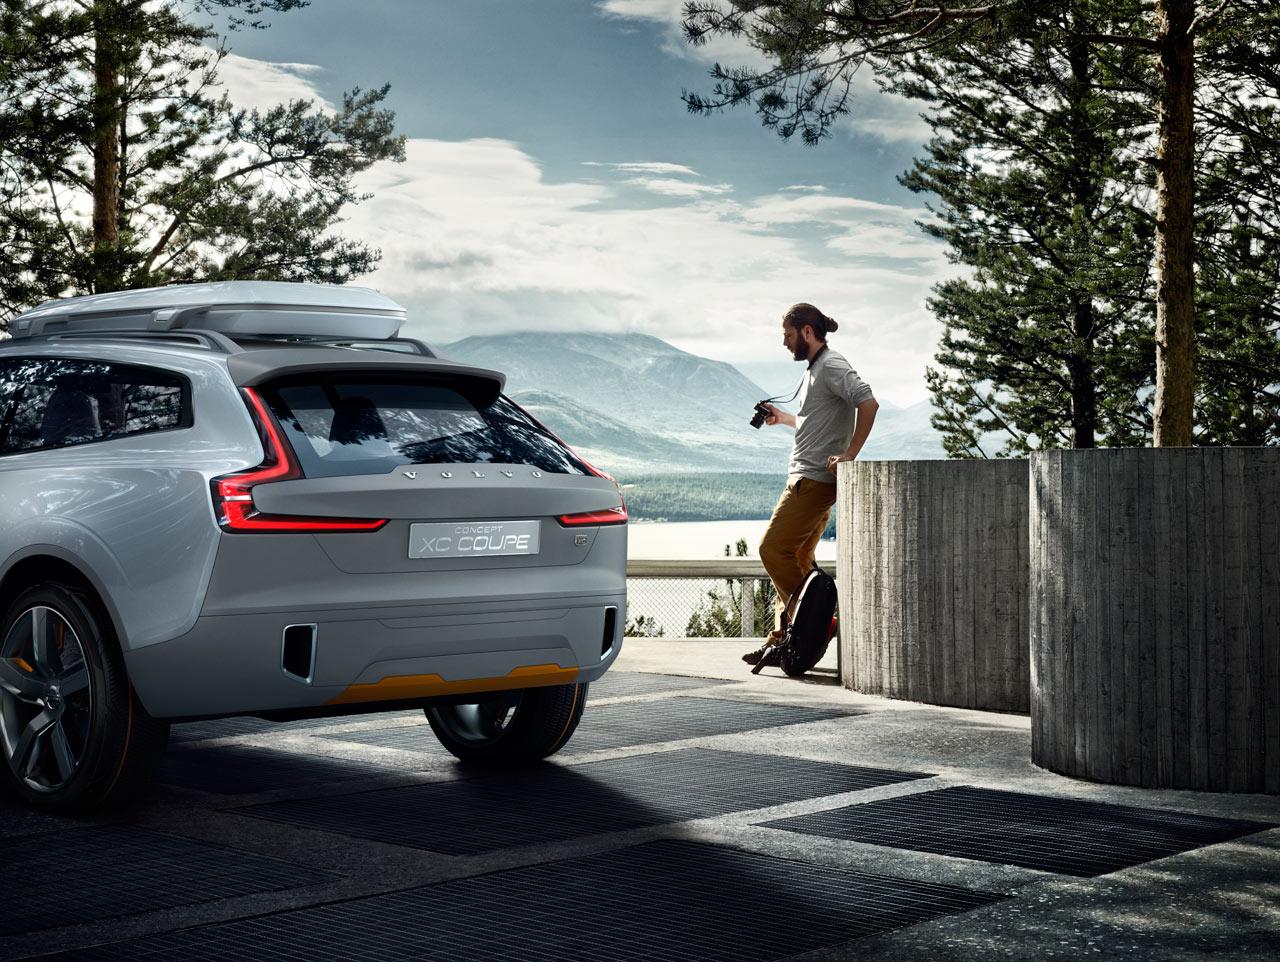 volvo-concept-xc-coupe-2014-5